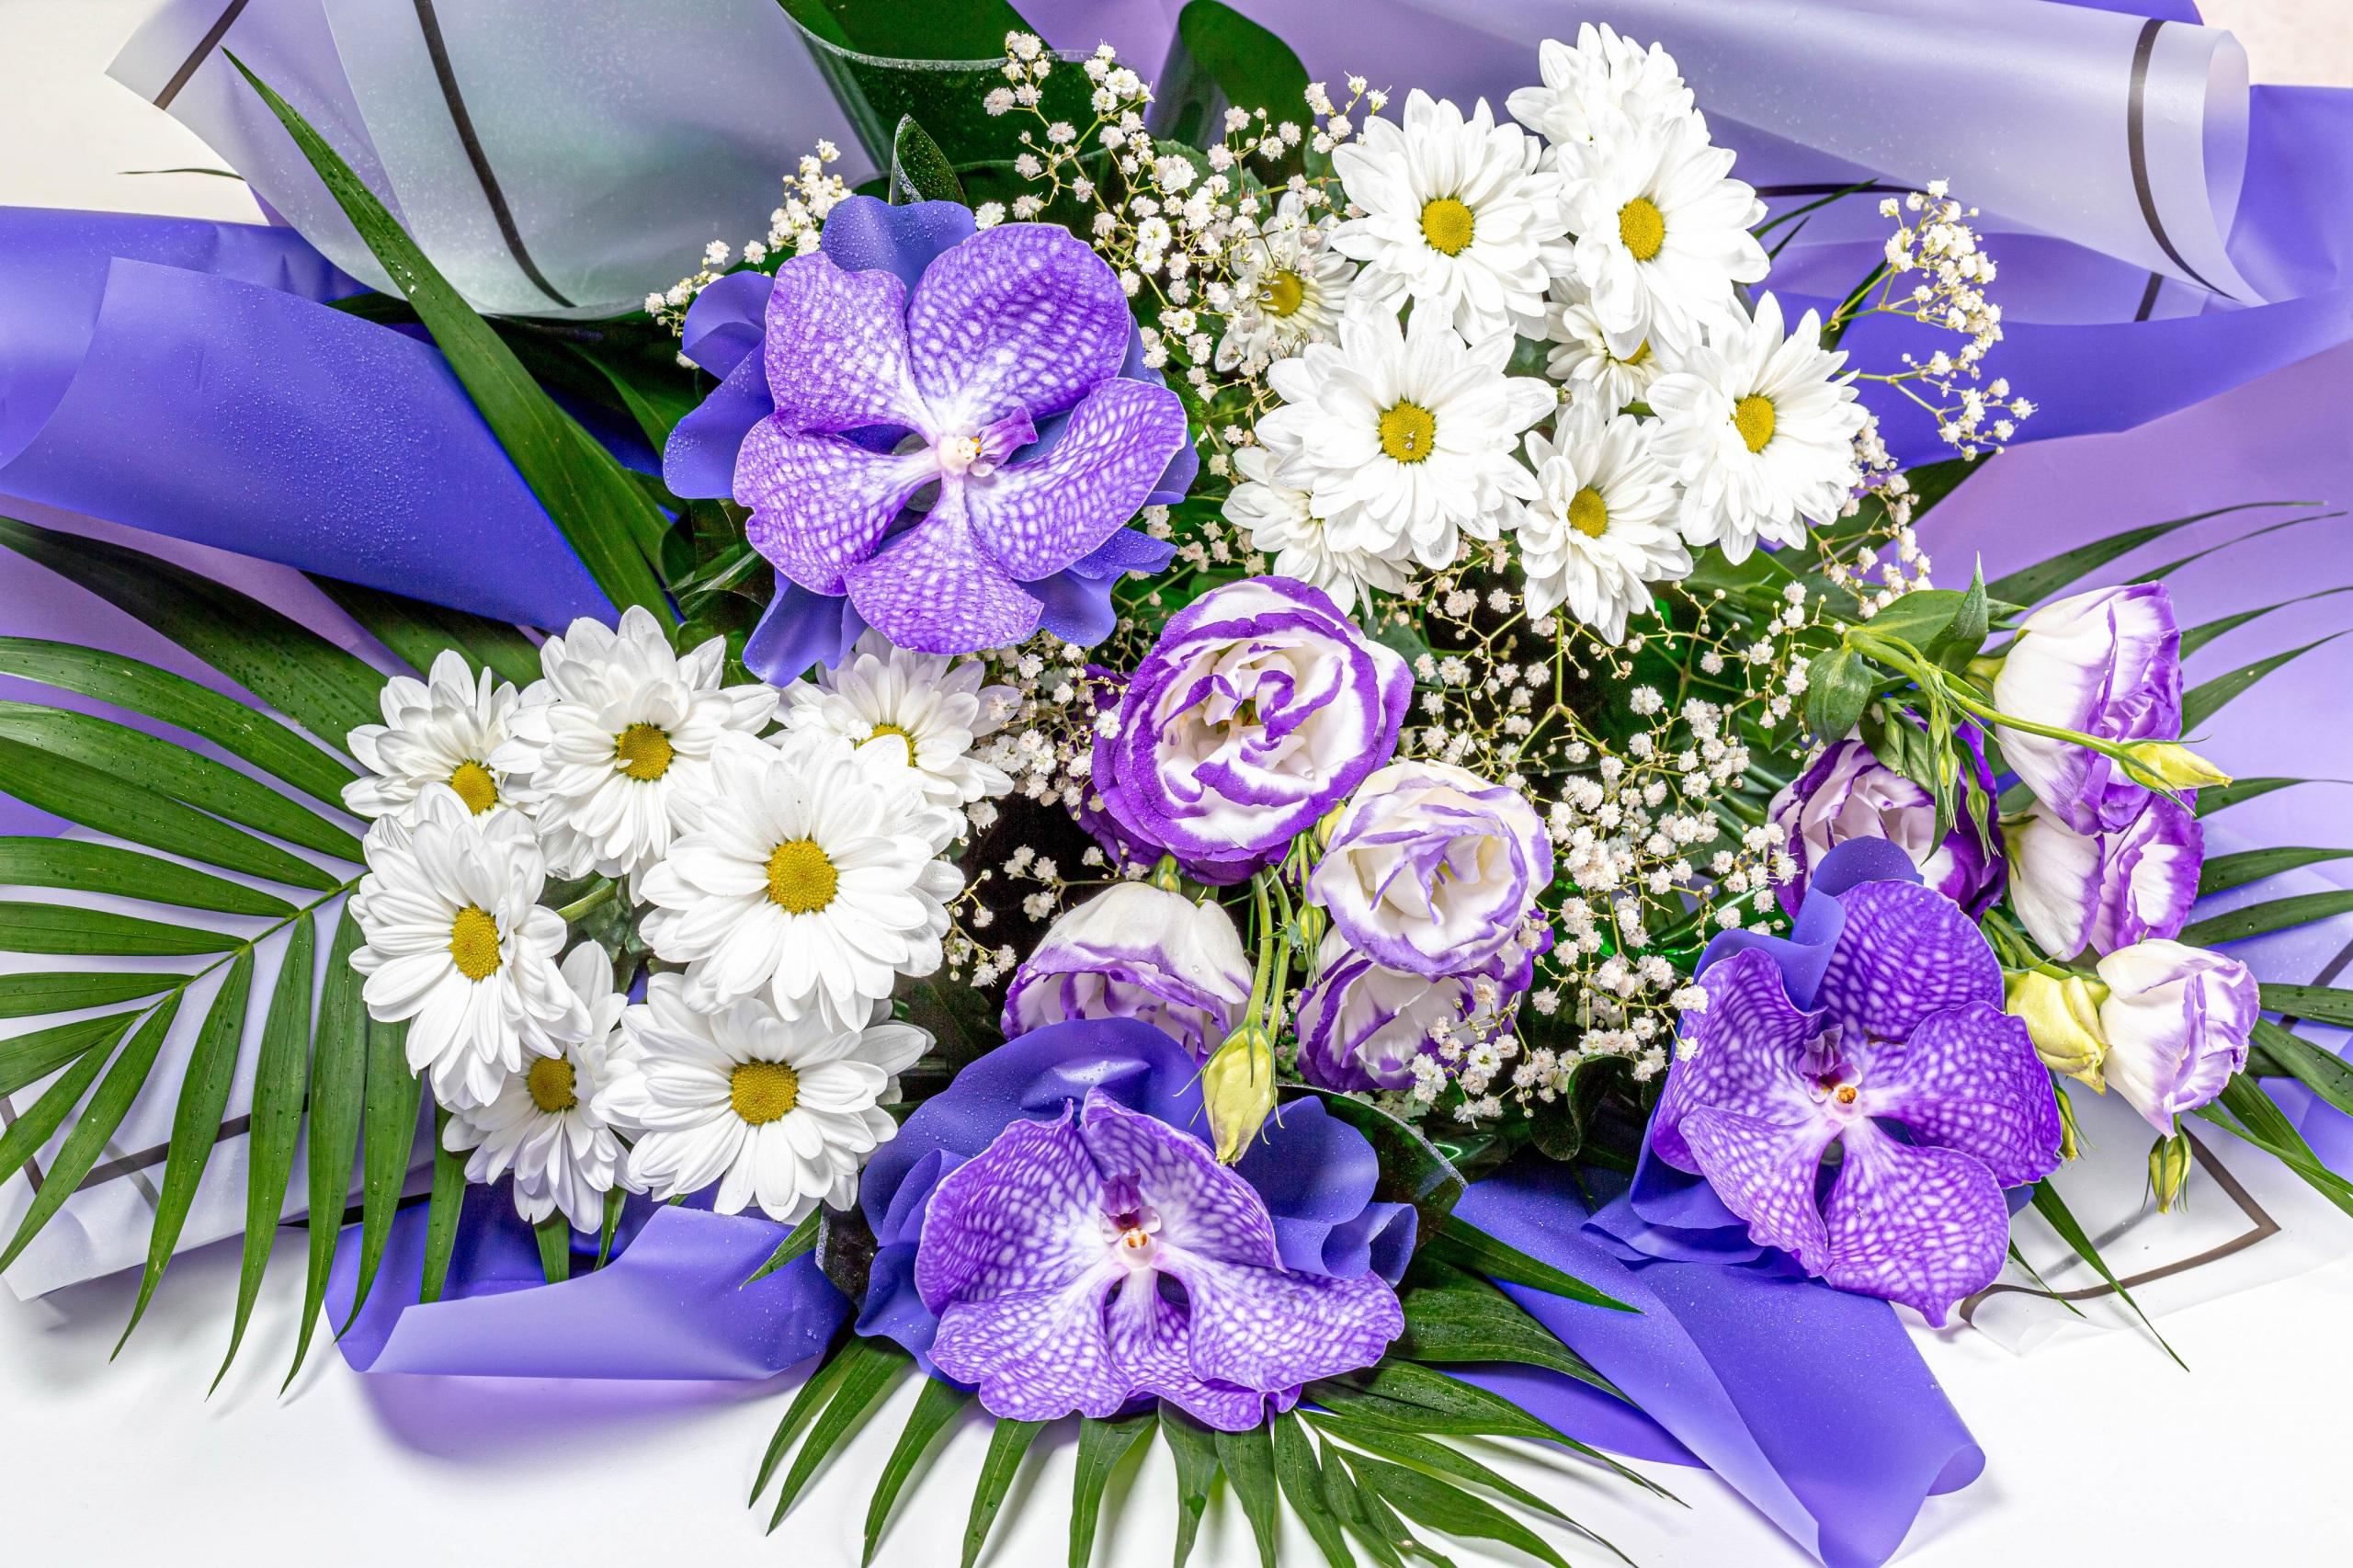 Обои для рабочего стола Букеты орхидея цветок Лизантус Хризантемы 2560x1706 букет Орхидеи Цветы Эустома